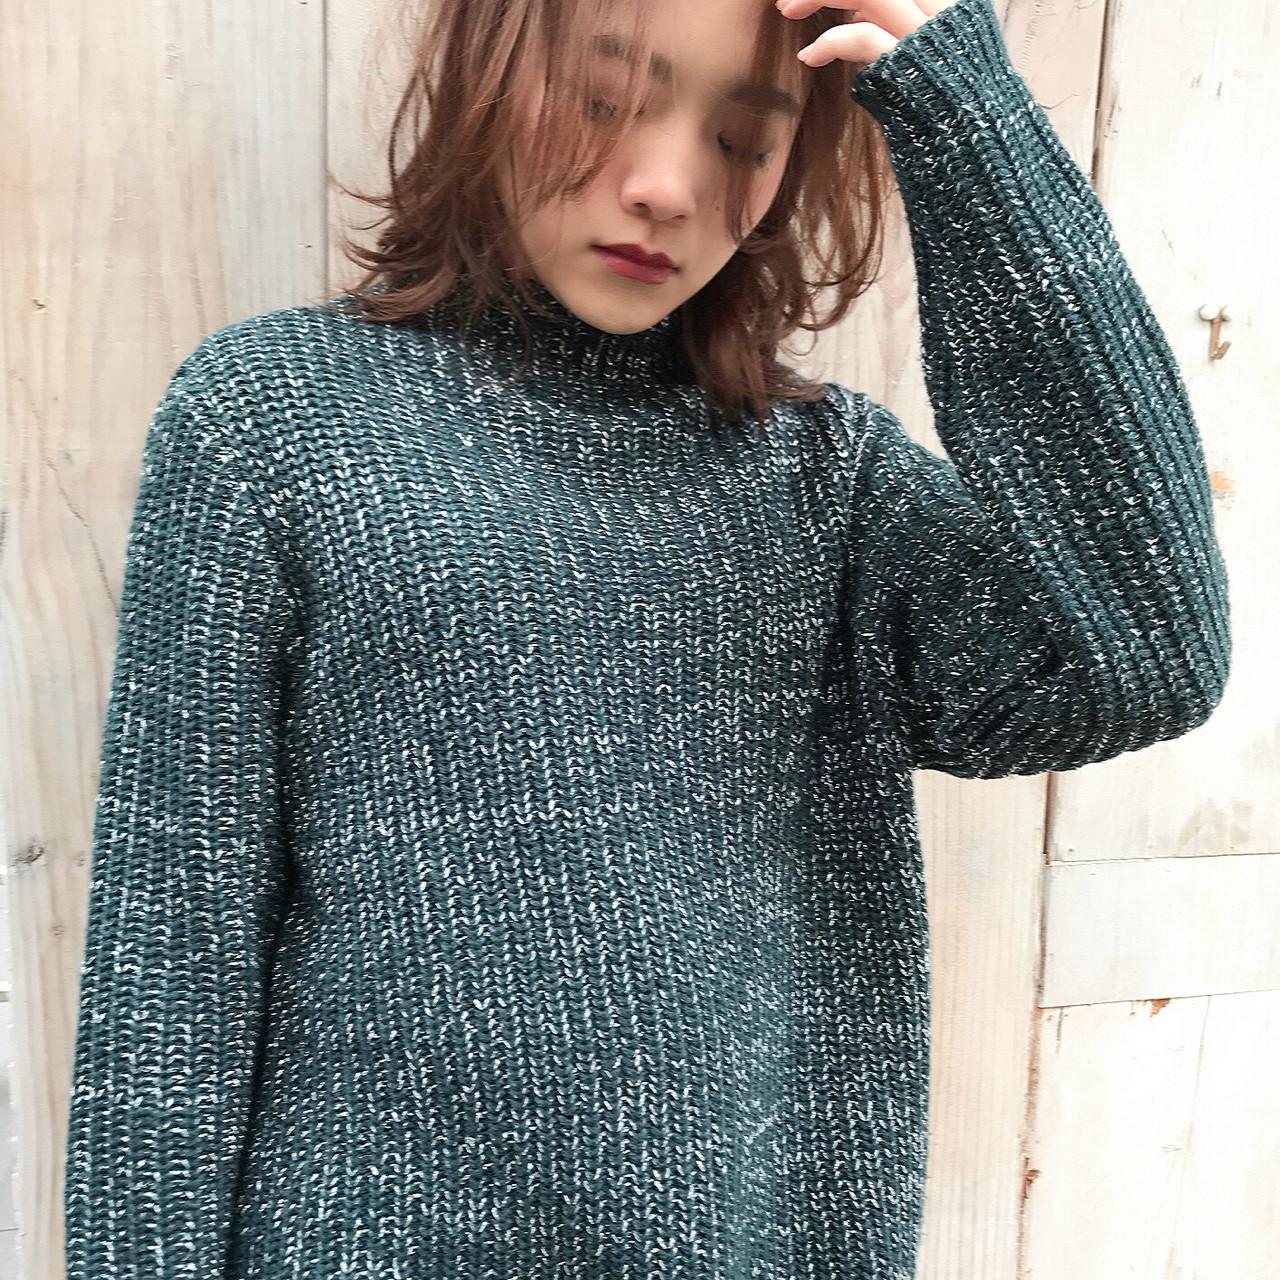 大人女子 ミディアム ニュアンス ゆるふわ ヘアスタイルや髪型の写真・画像 | Daichi shimazu / hairsalon M 大宮